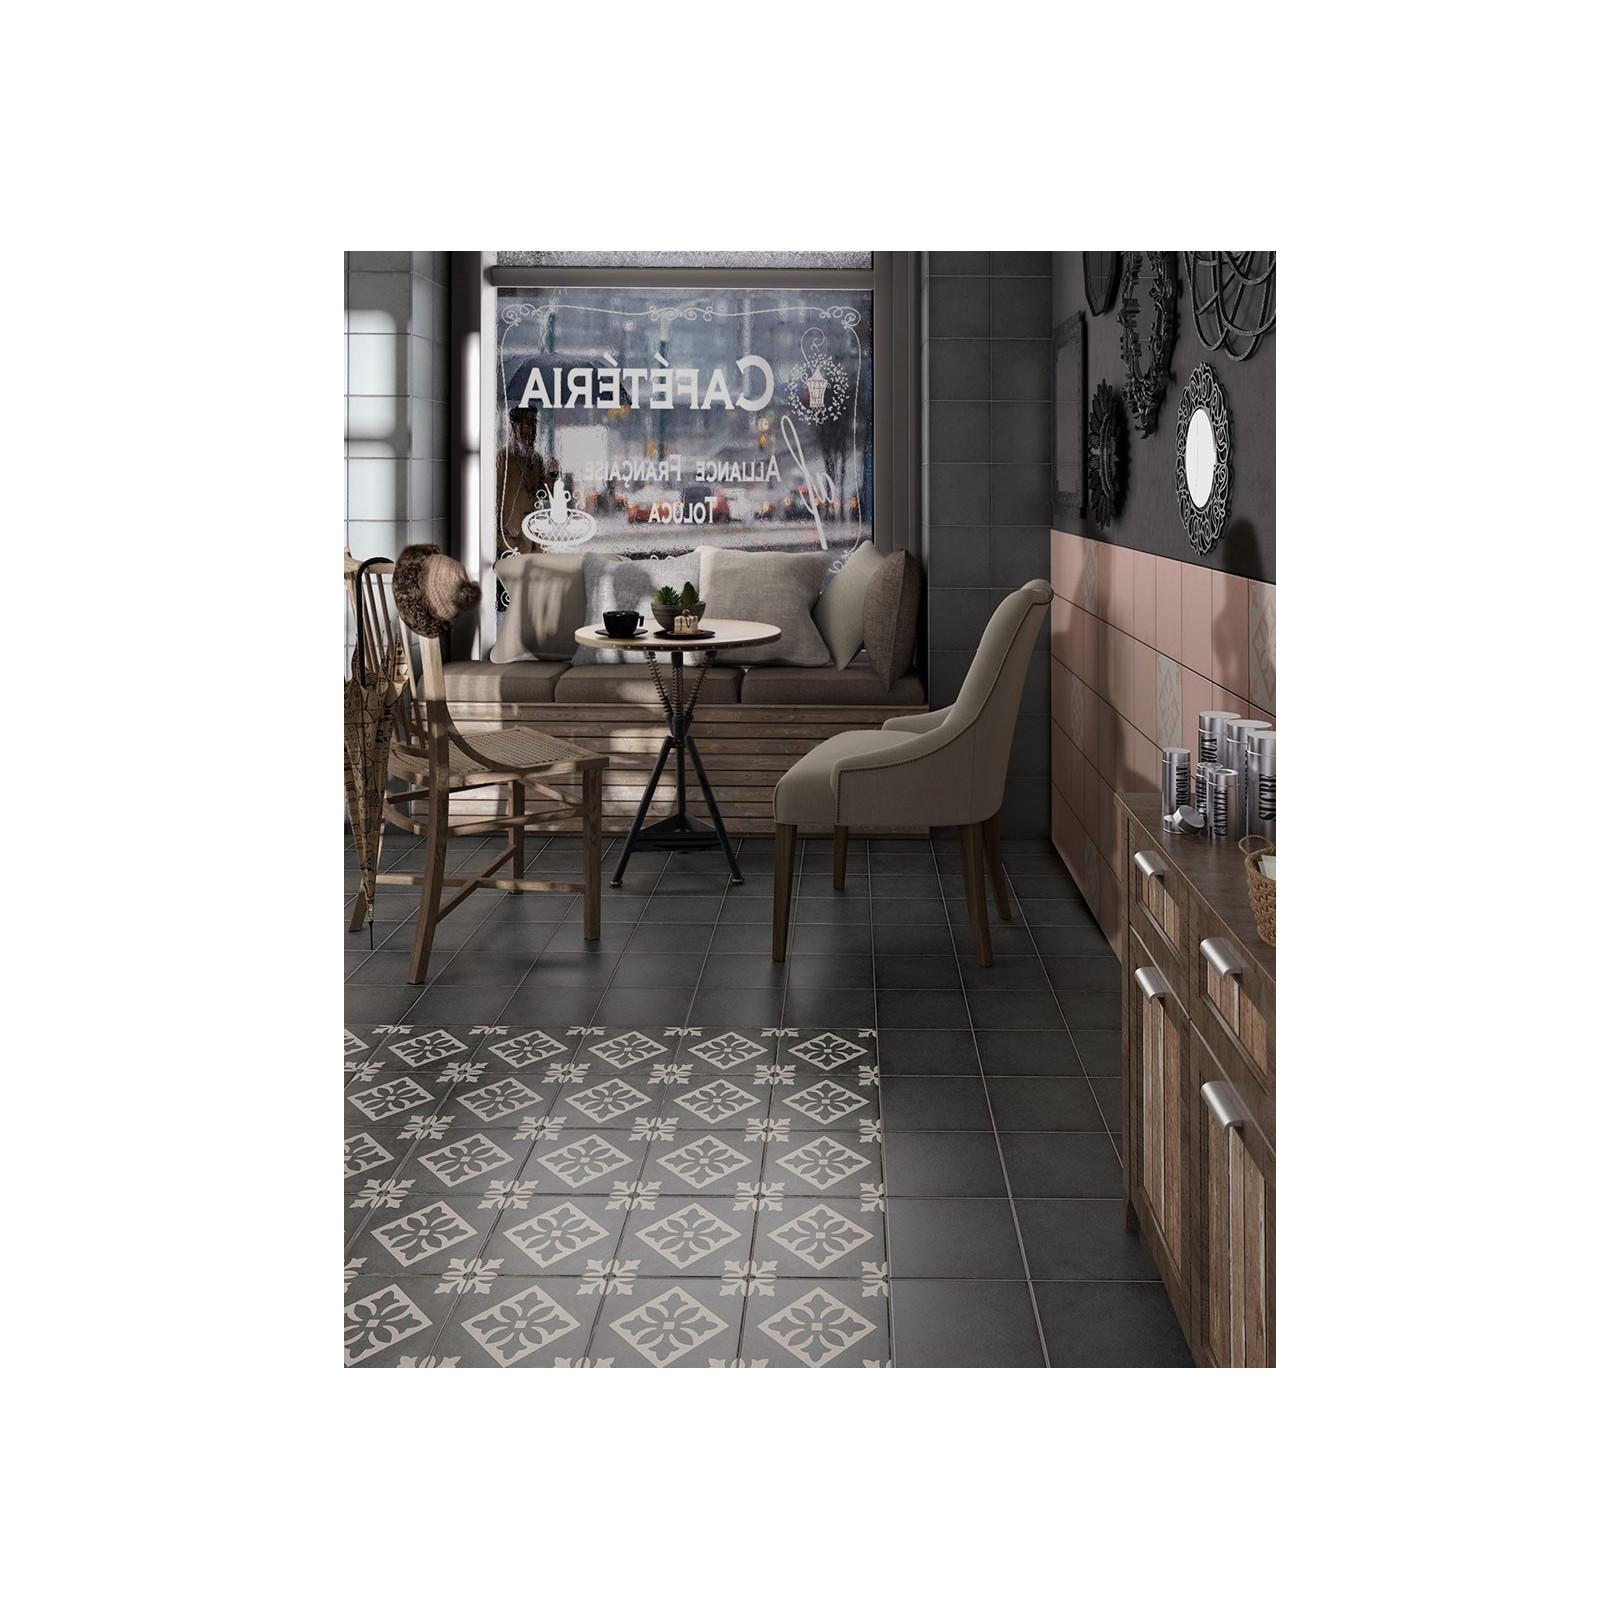 Carrelage grès cérame effet carreau ciment Art Nouveau Grey Padua 20x20cm